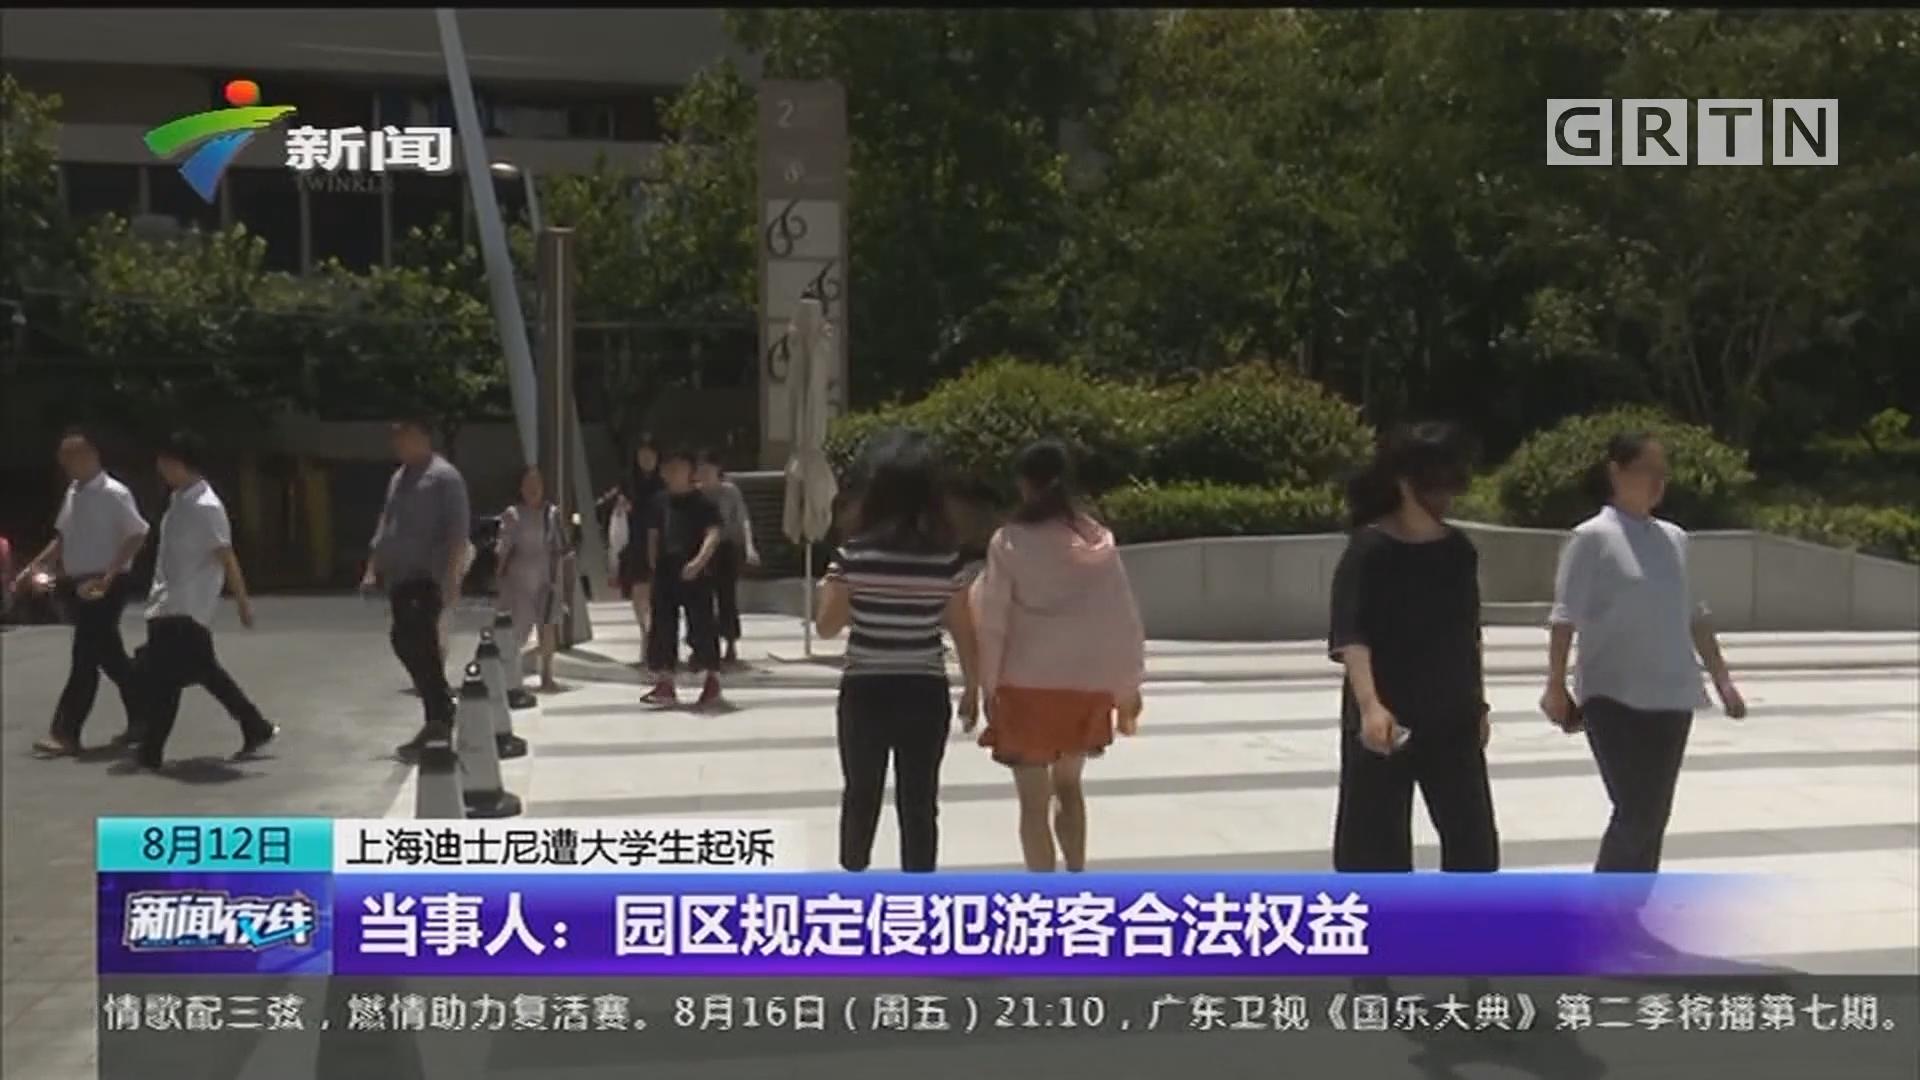 上海迪士尼遭大学生起诉 当事人:园区规定侵犯游客合法权益